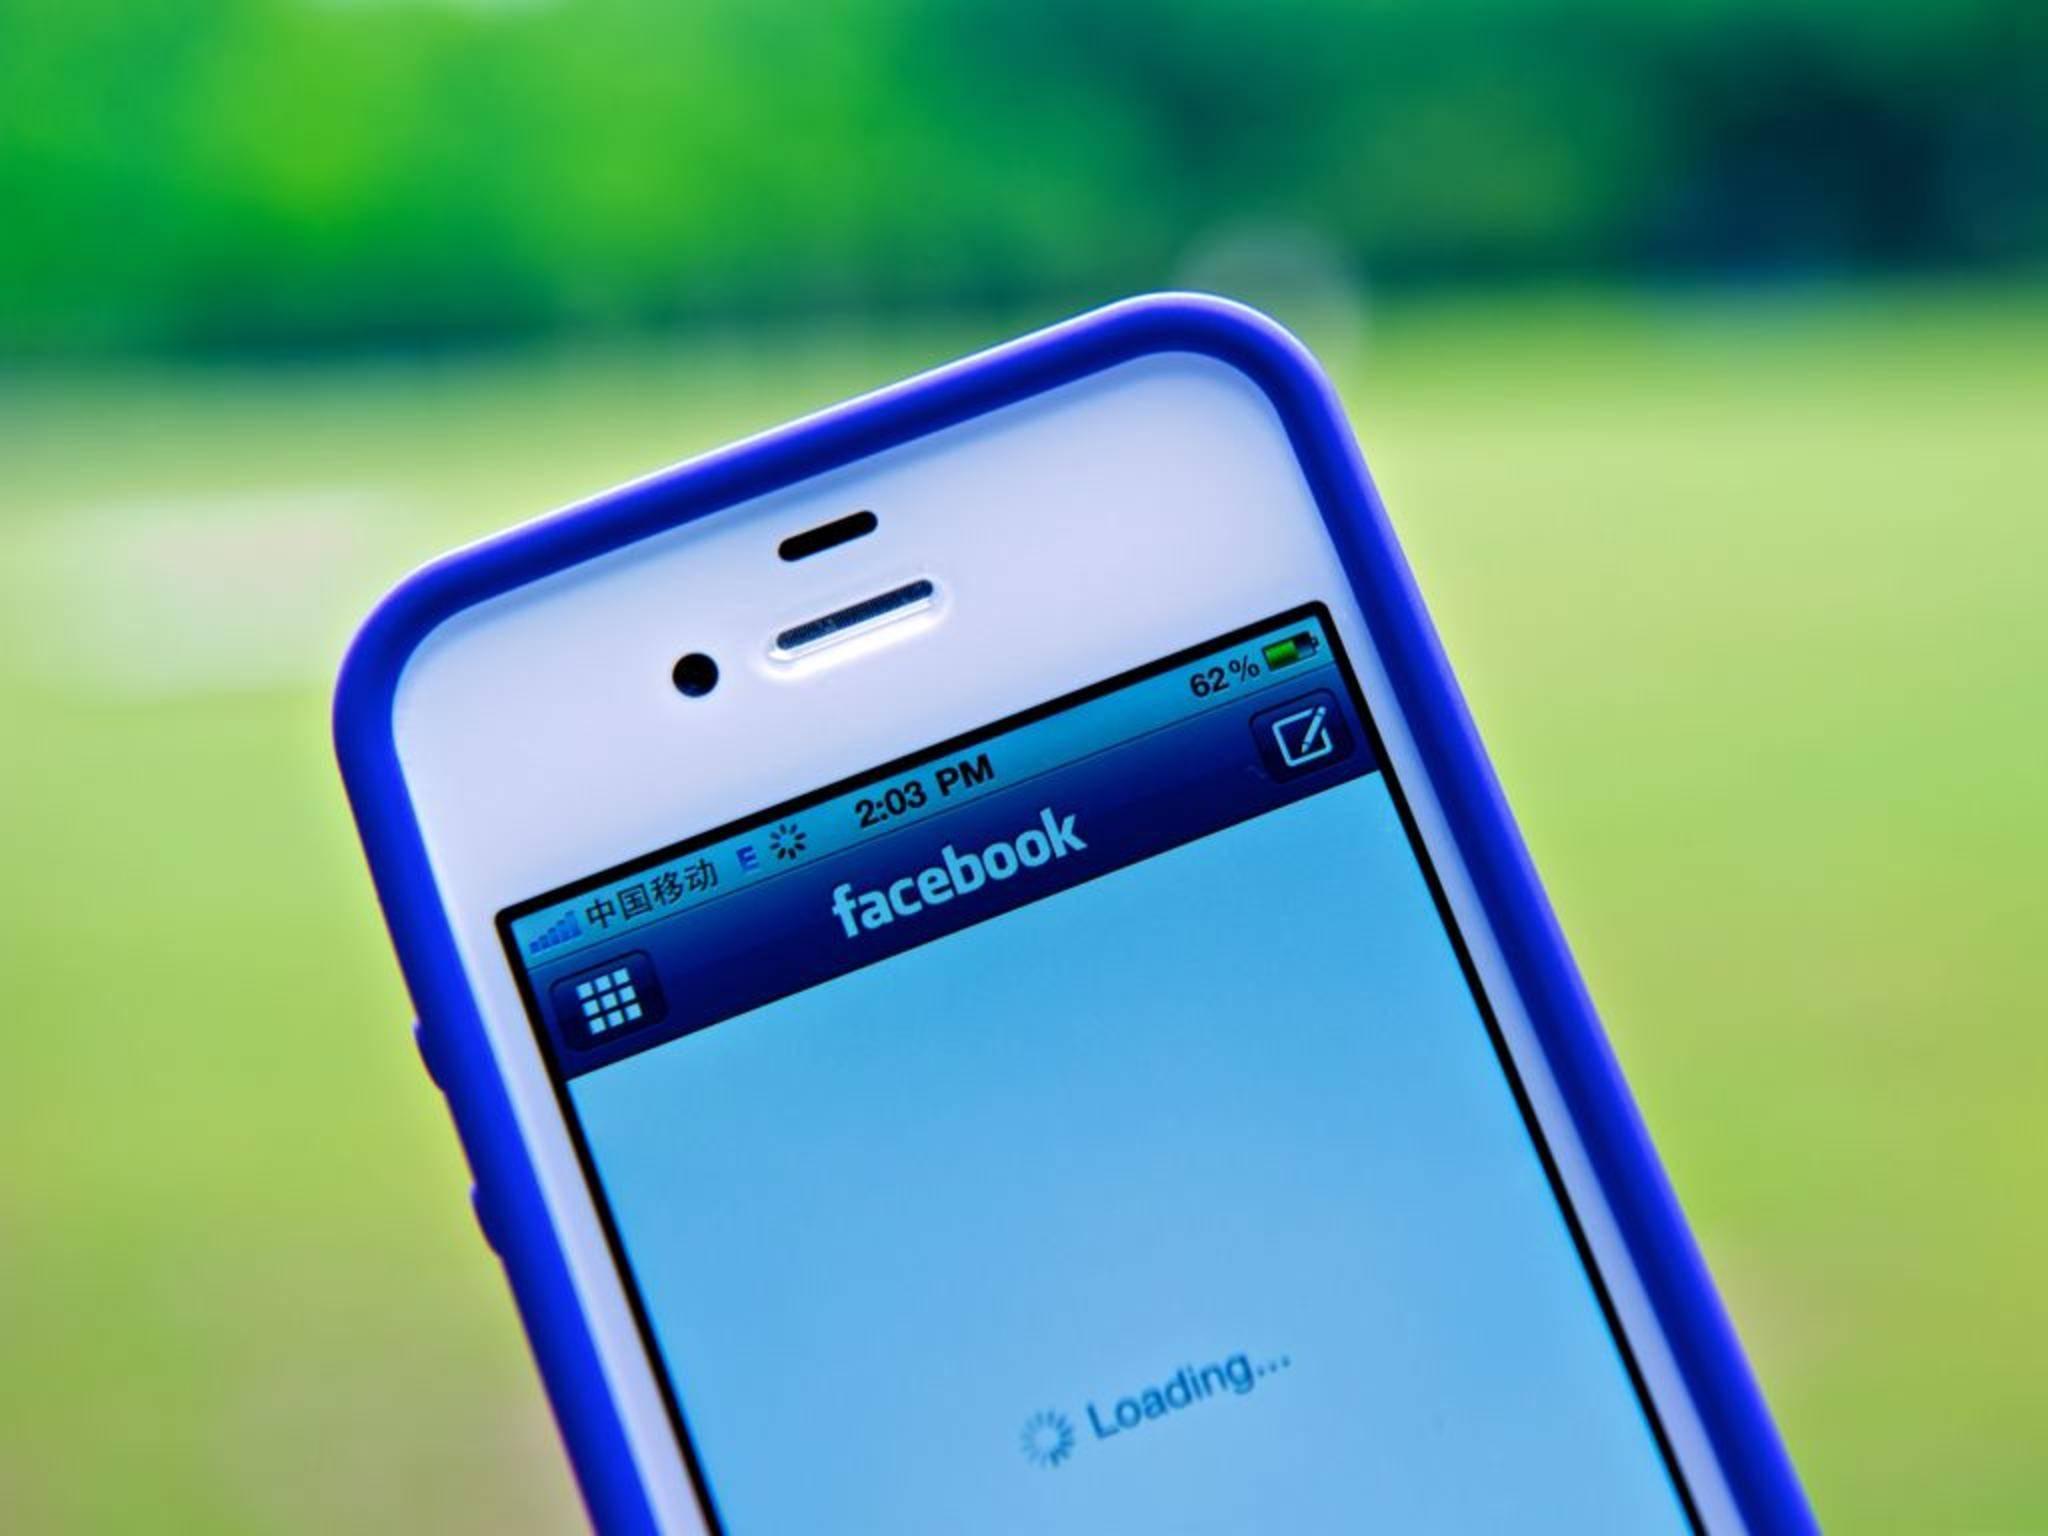 Facebook lädt viel und gern im Hintergrund - auch auf dem iPhone.